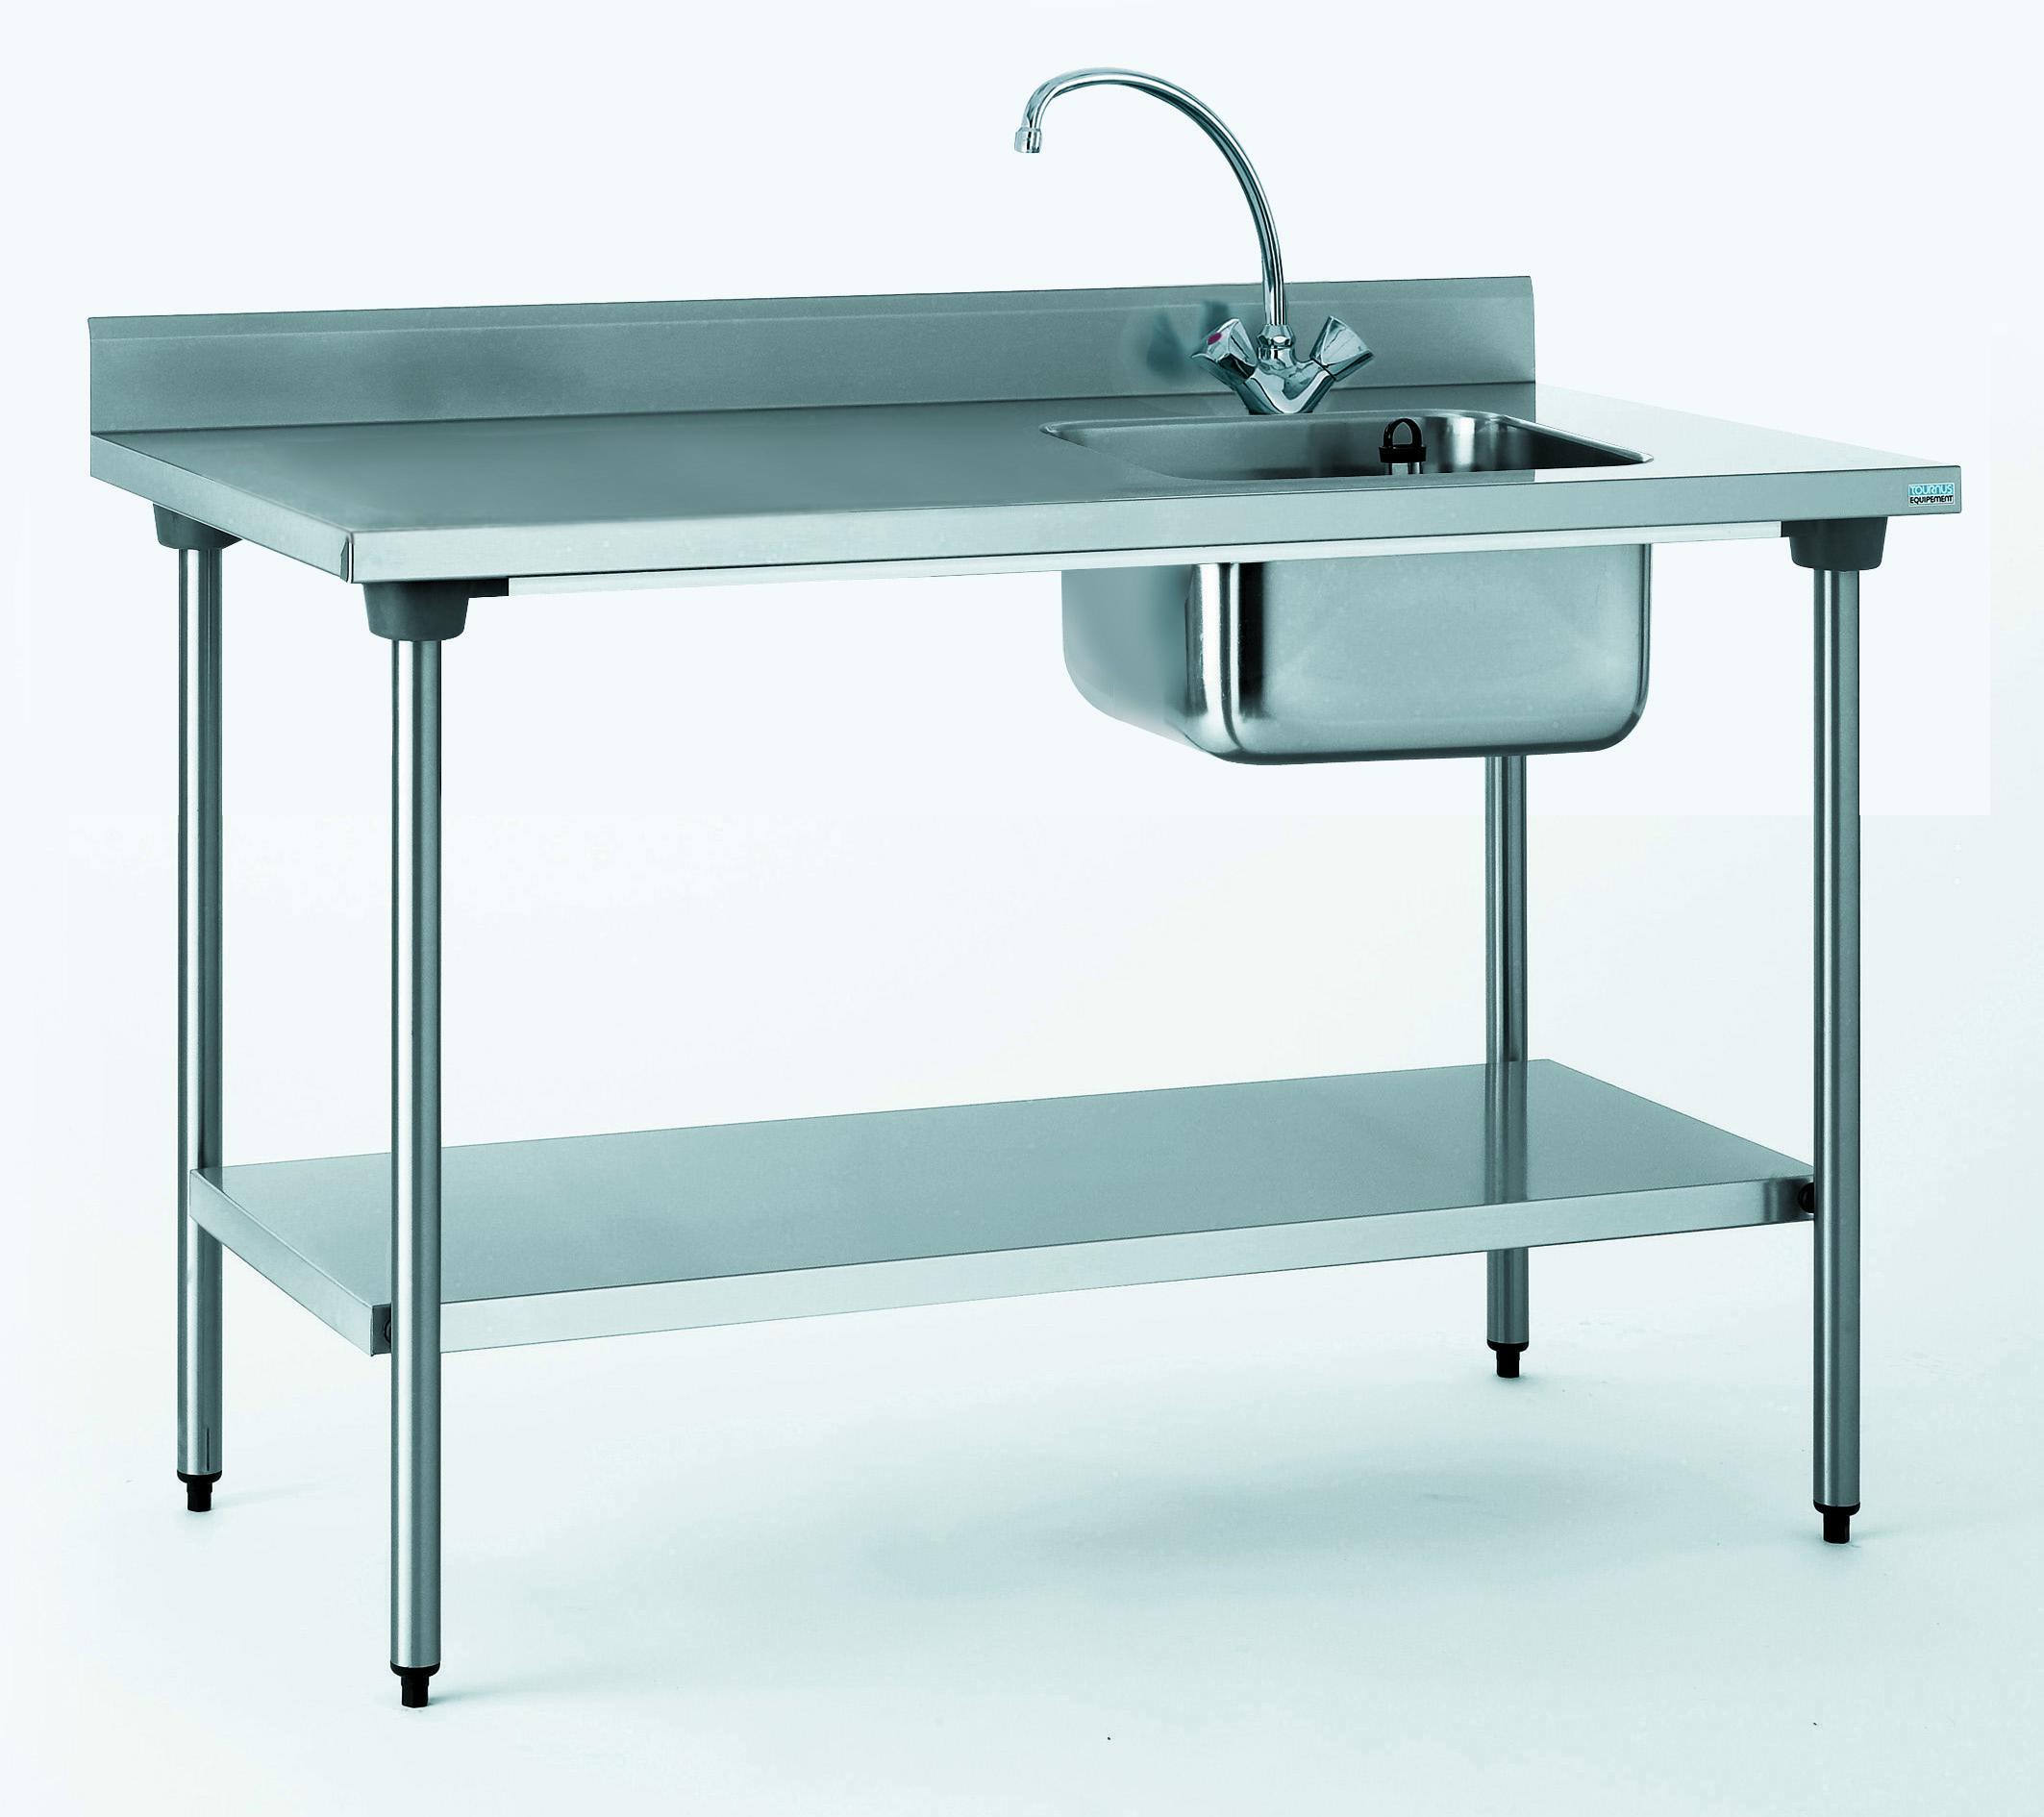 TABLE DU CHEF CHR 700X1200 BAC A DROITE+ETAGERE- AVEC ROBINE